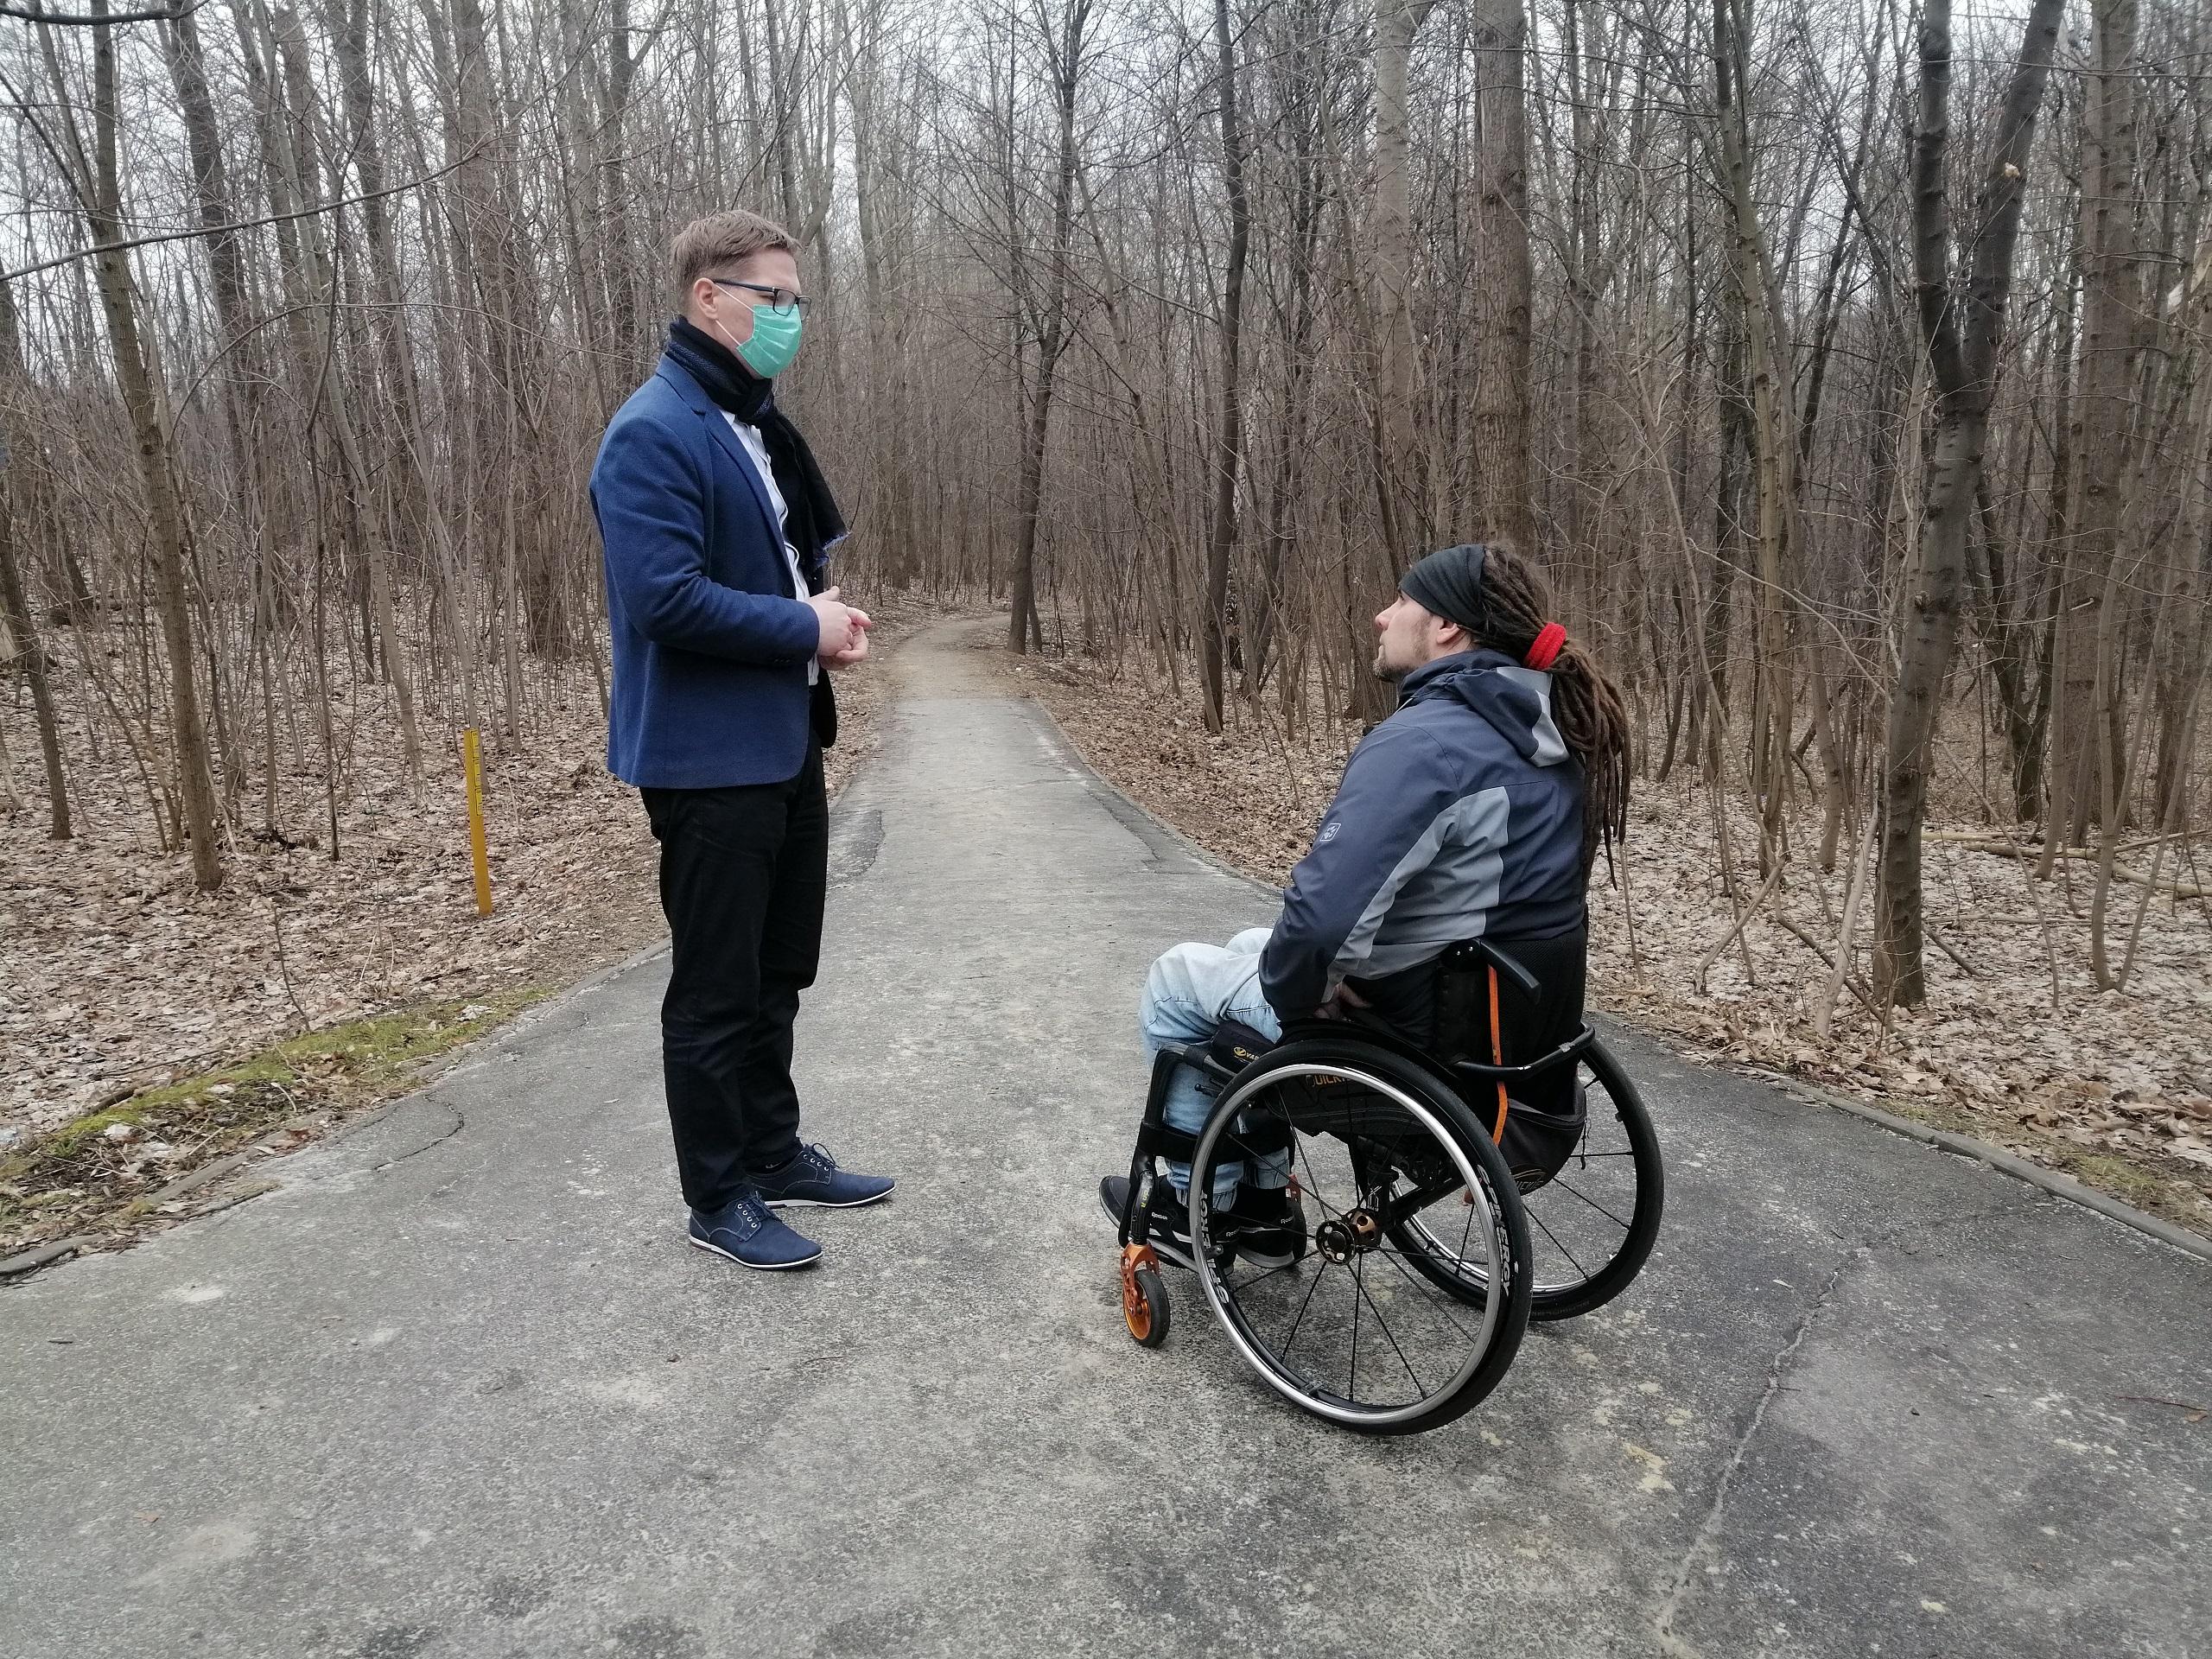 Prezydent Świętochłowic wraz z radnym oglądają teren zielony